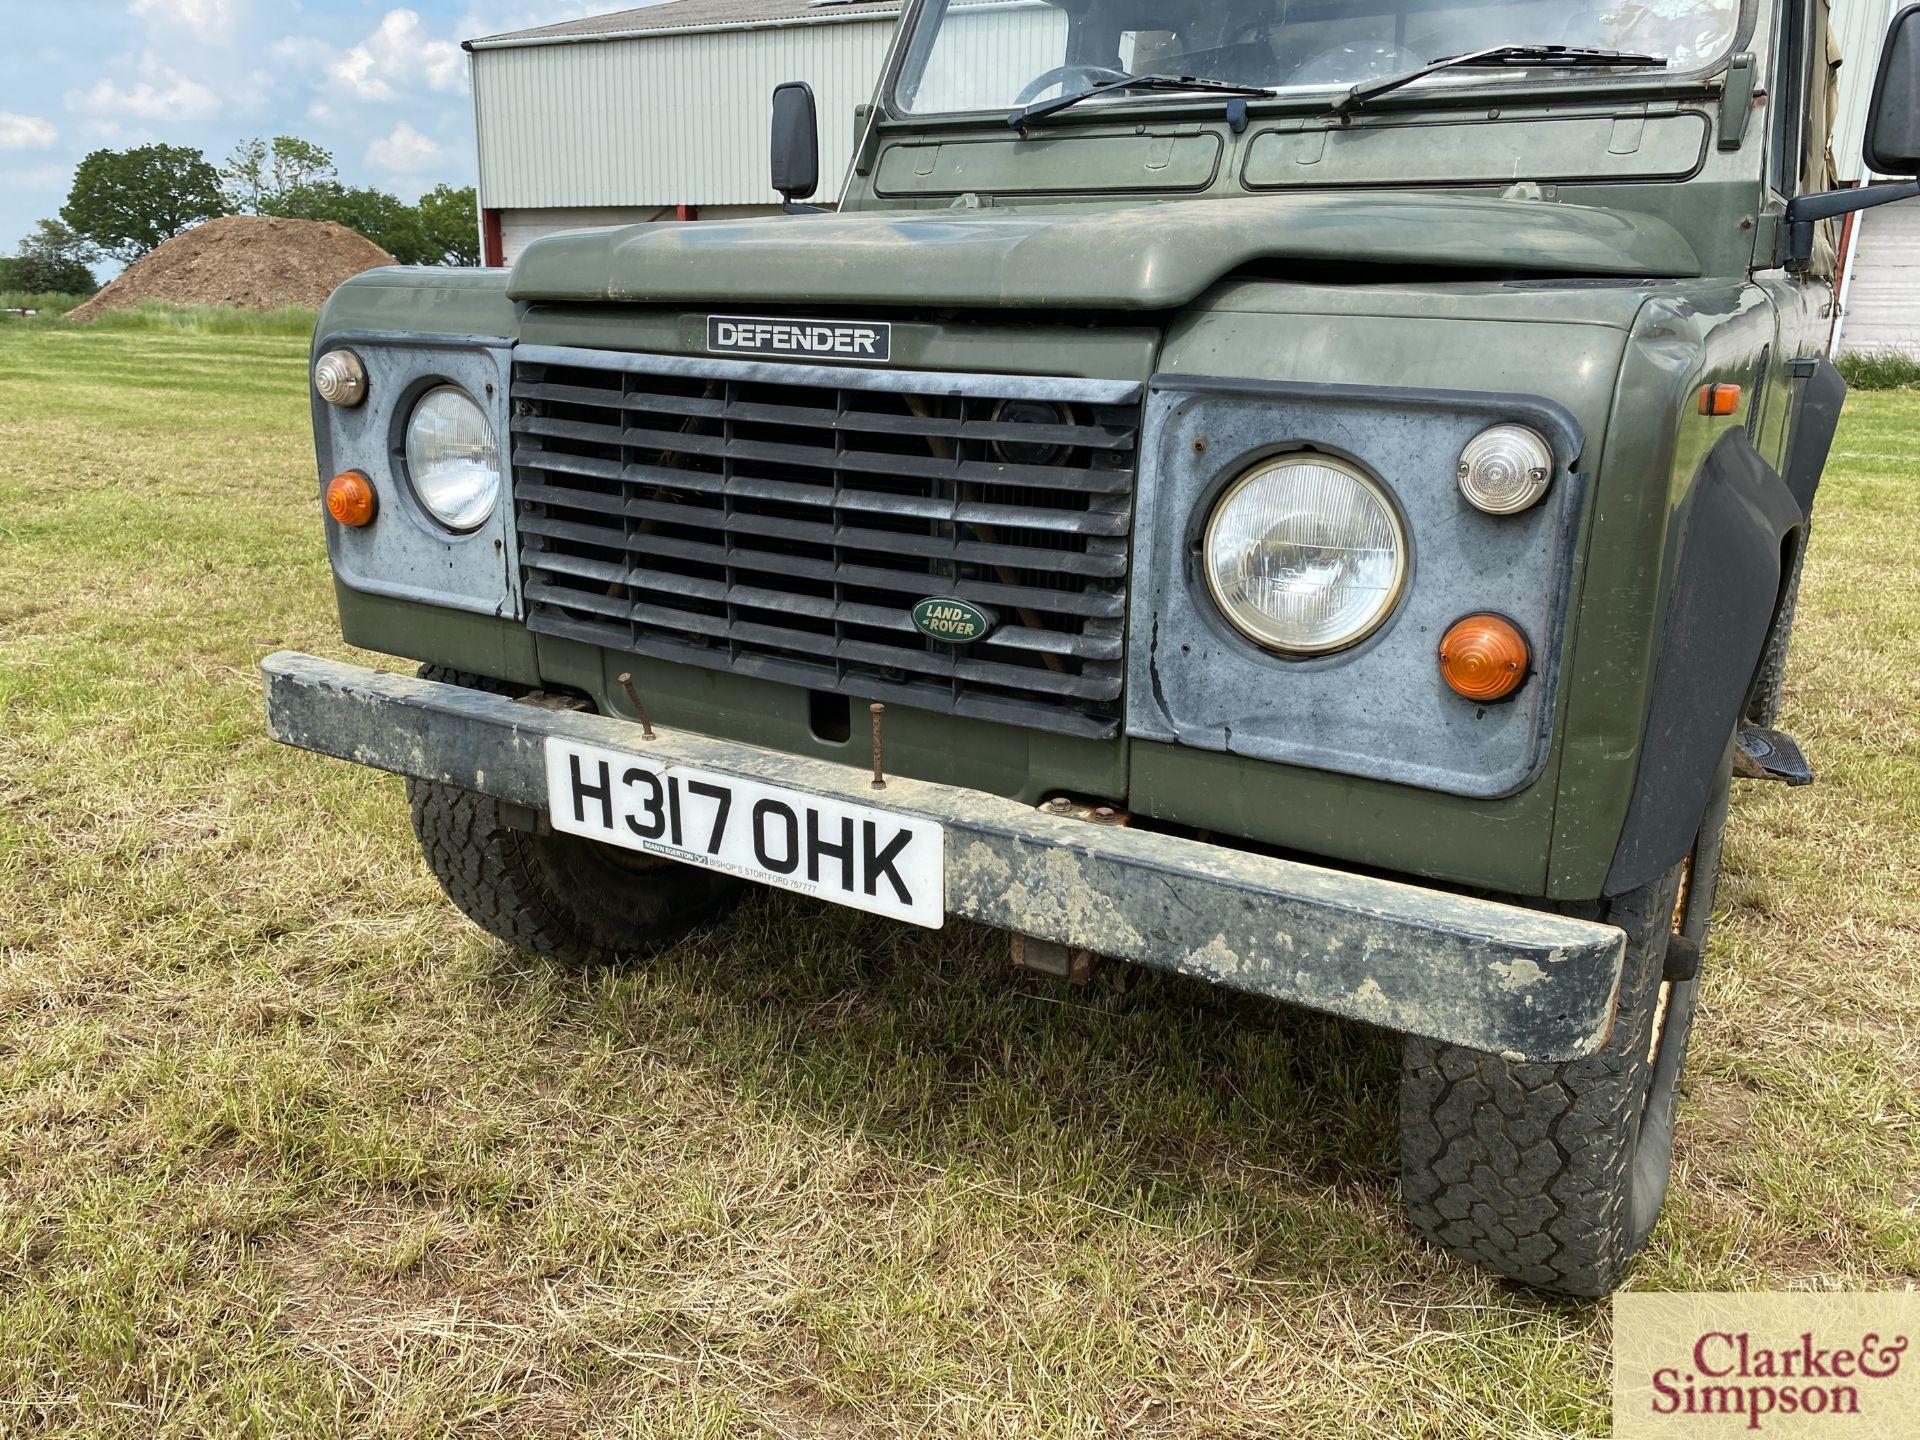 Land Rover Defender 110 single cab pick-up. Registration H317 OHK. Date of first registration 08/ - Image 10 of 56